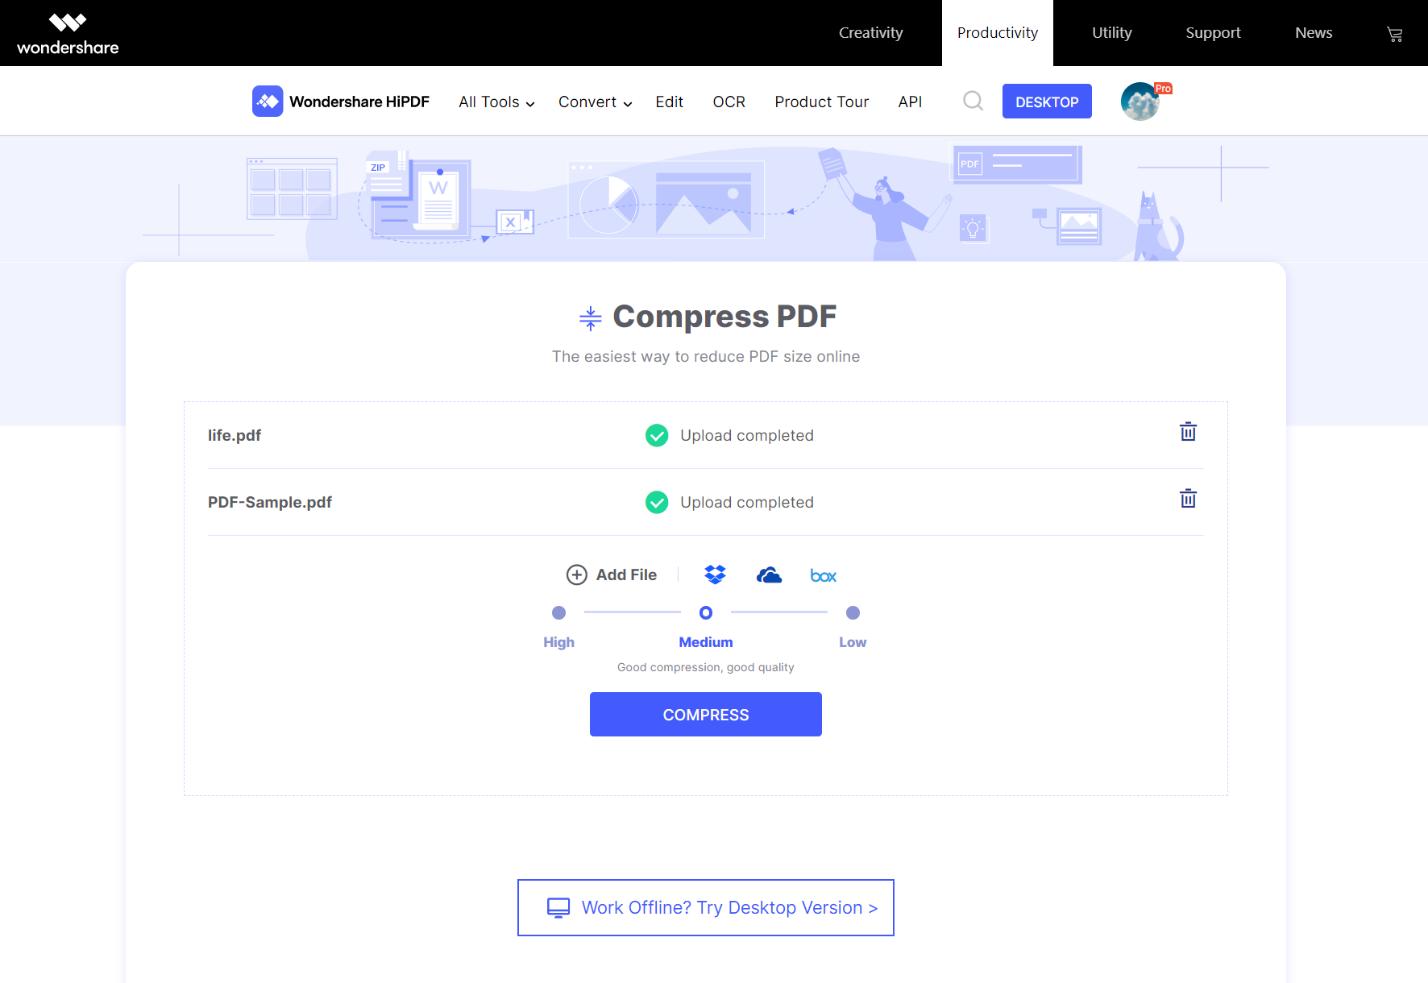 Compress PDF page